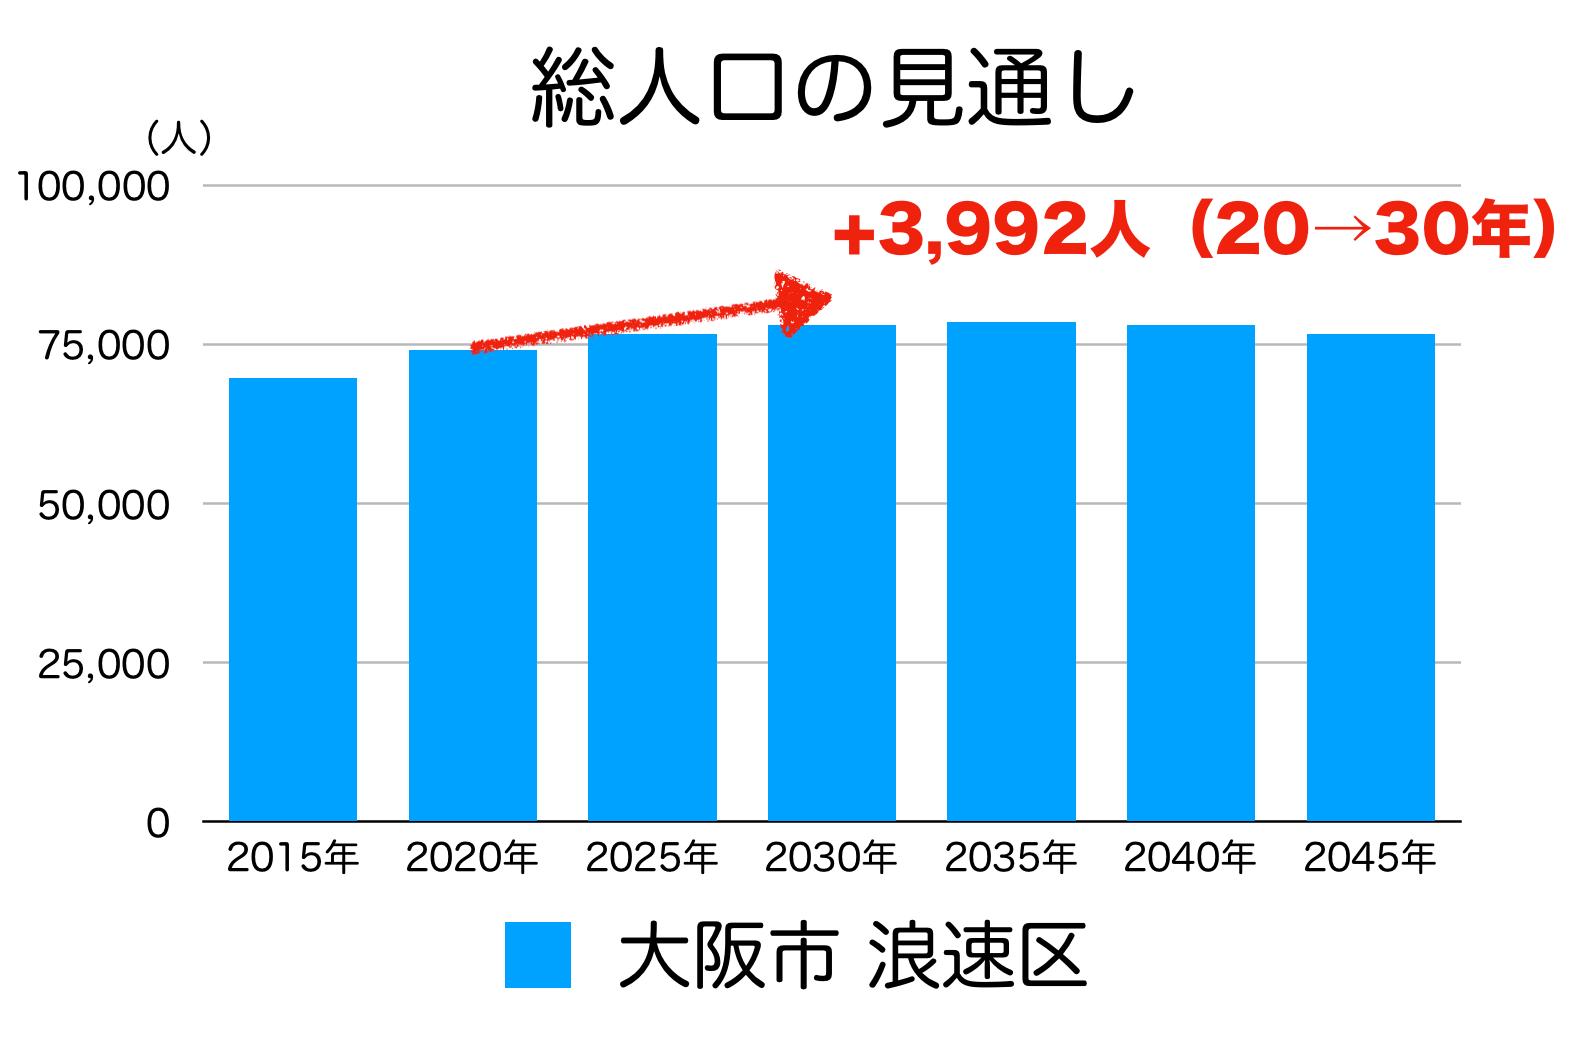 大阪市浪速区の人口予測